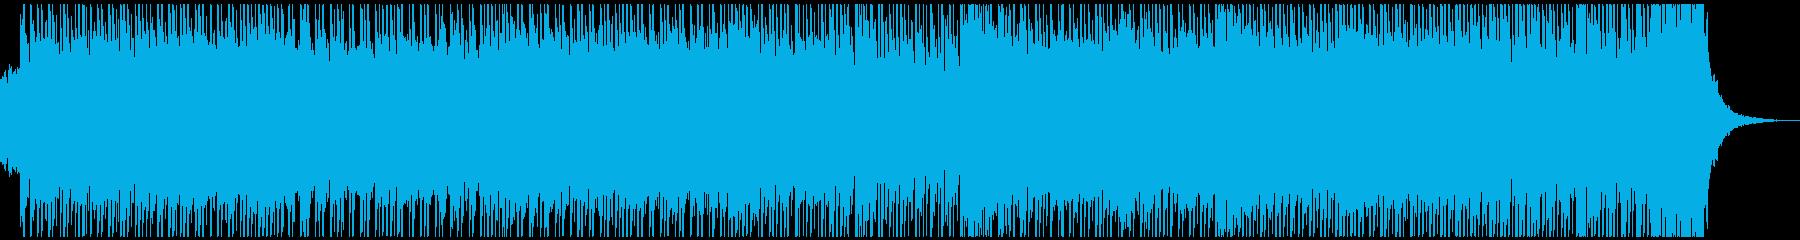 三味線とギターのアグレッシブな和風ロックの再生済みの波形